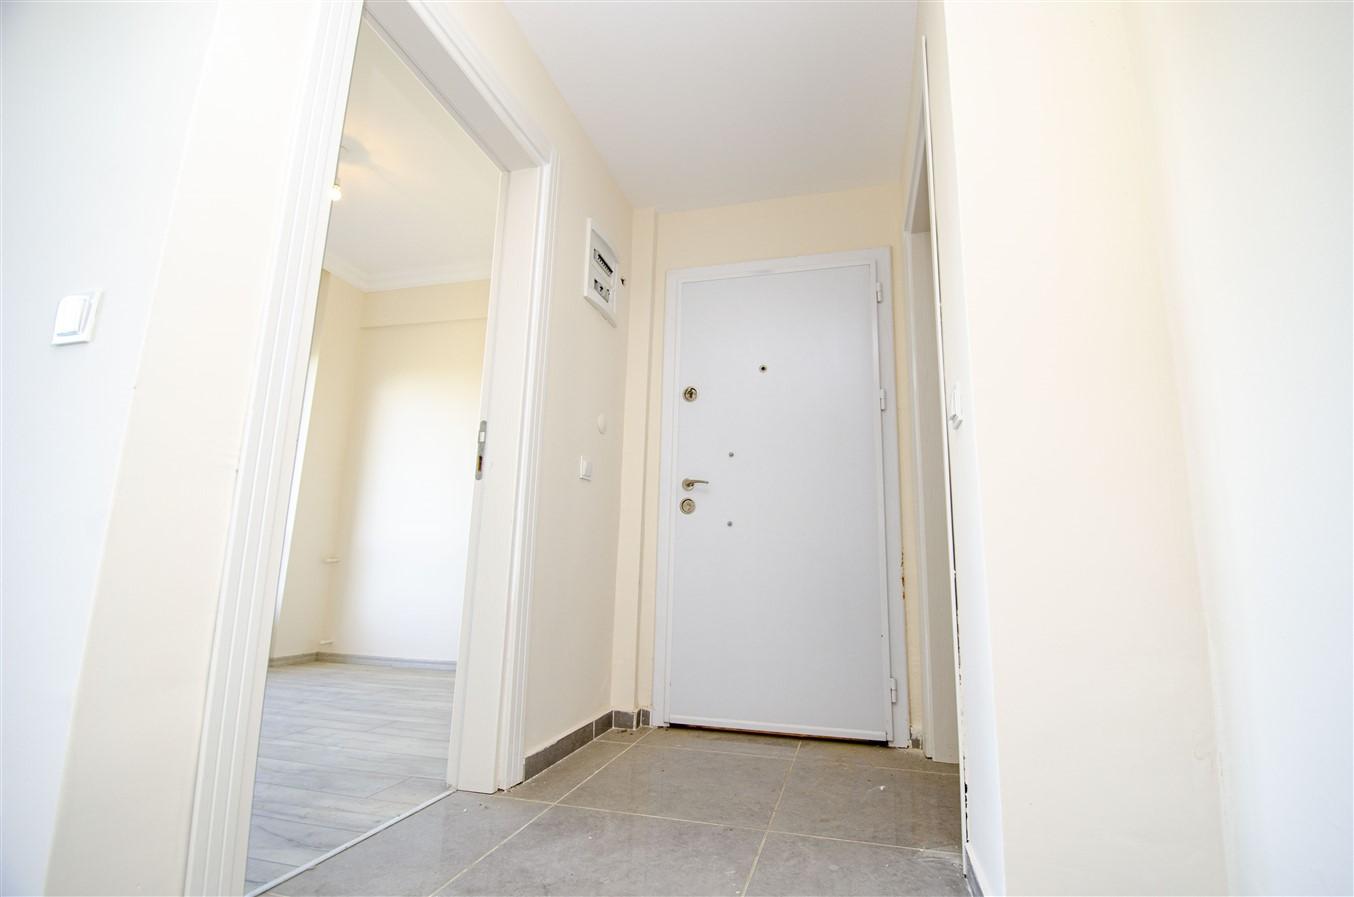 Квартира 2+1 в новом доме в центре Белека Анталия - Фото 13